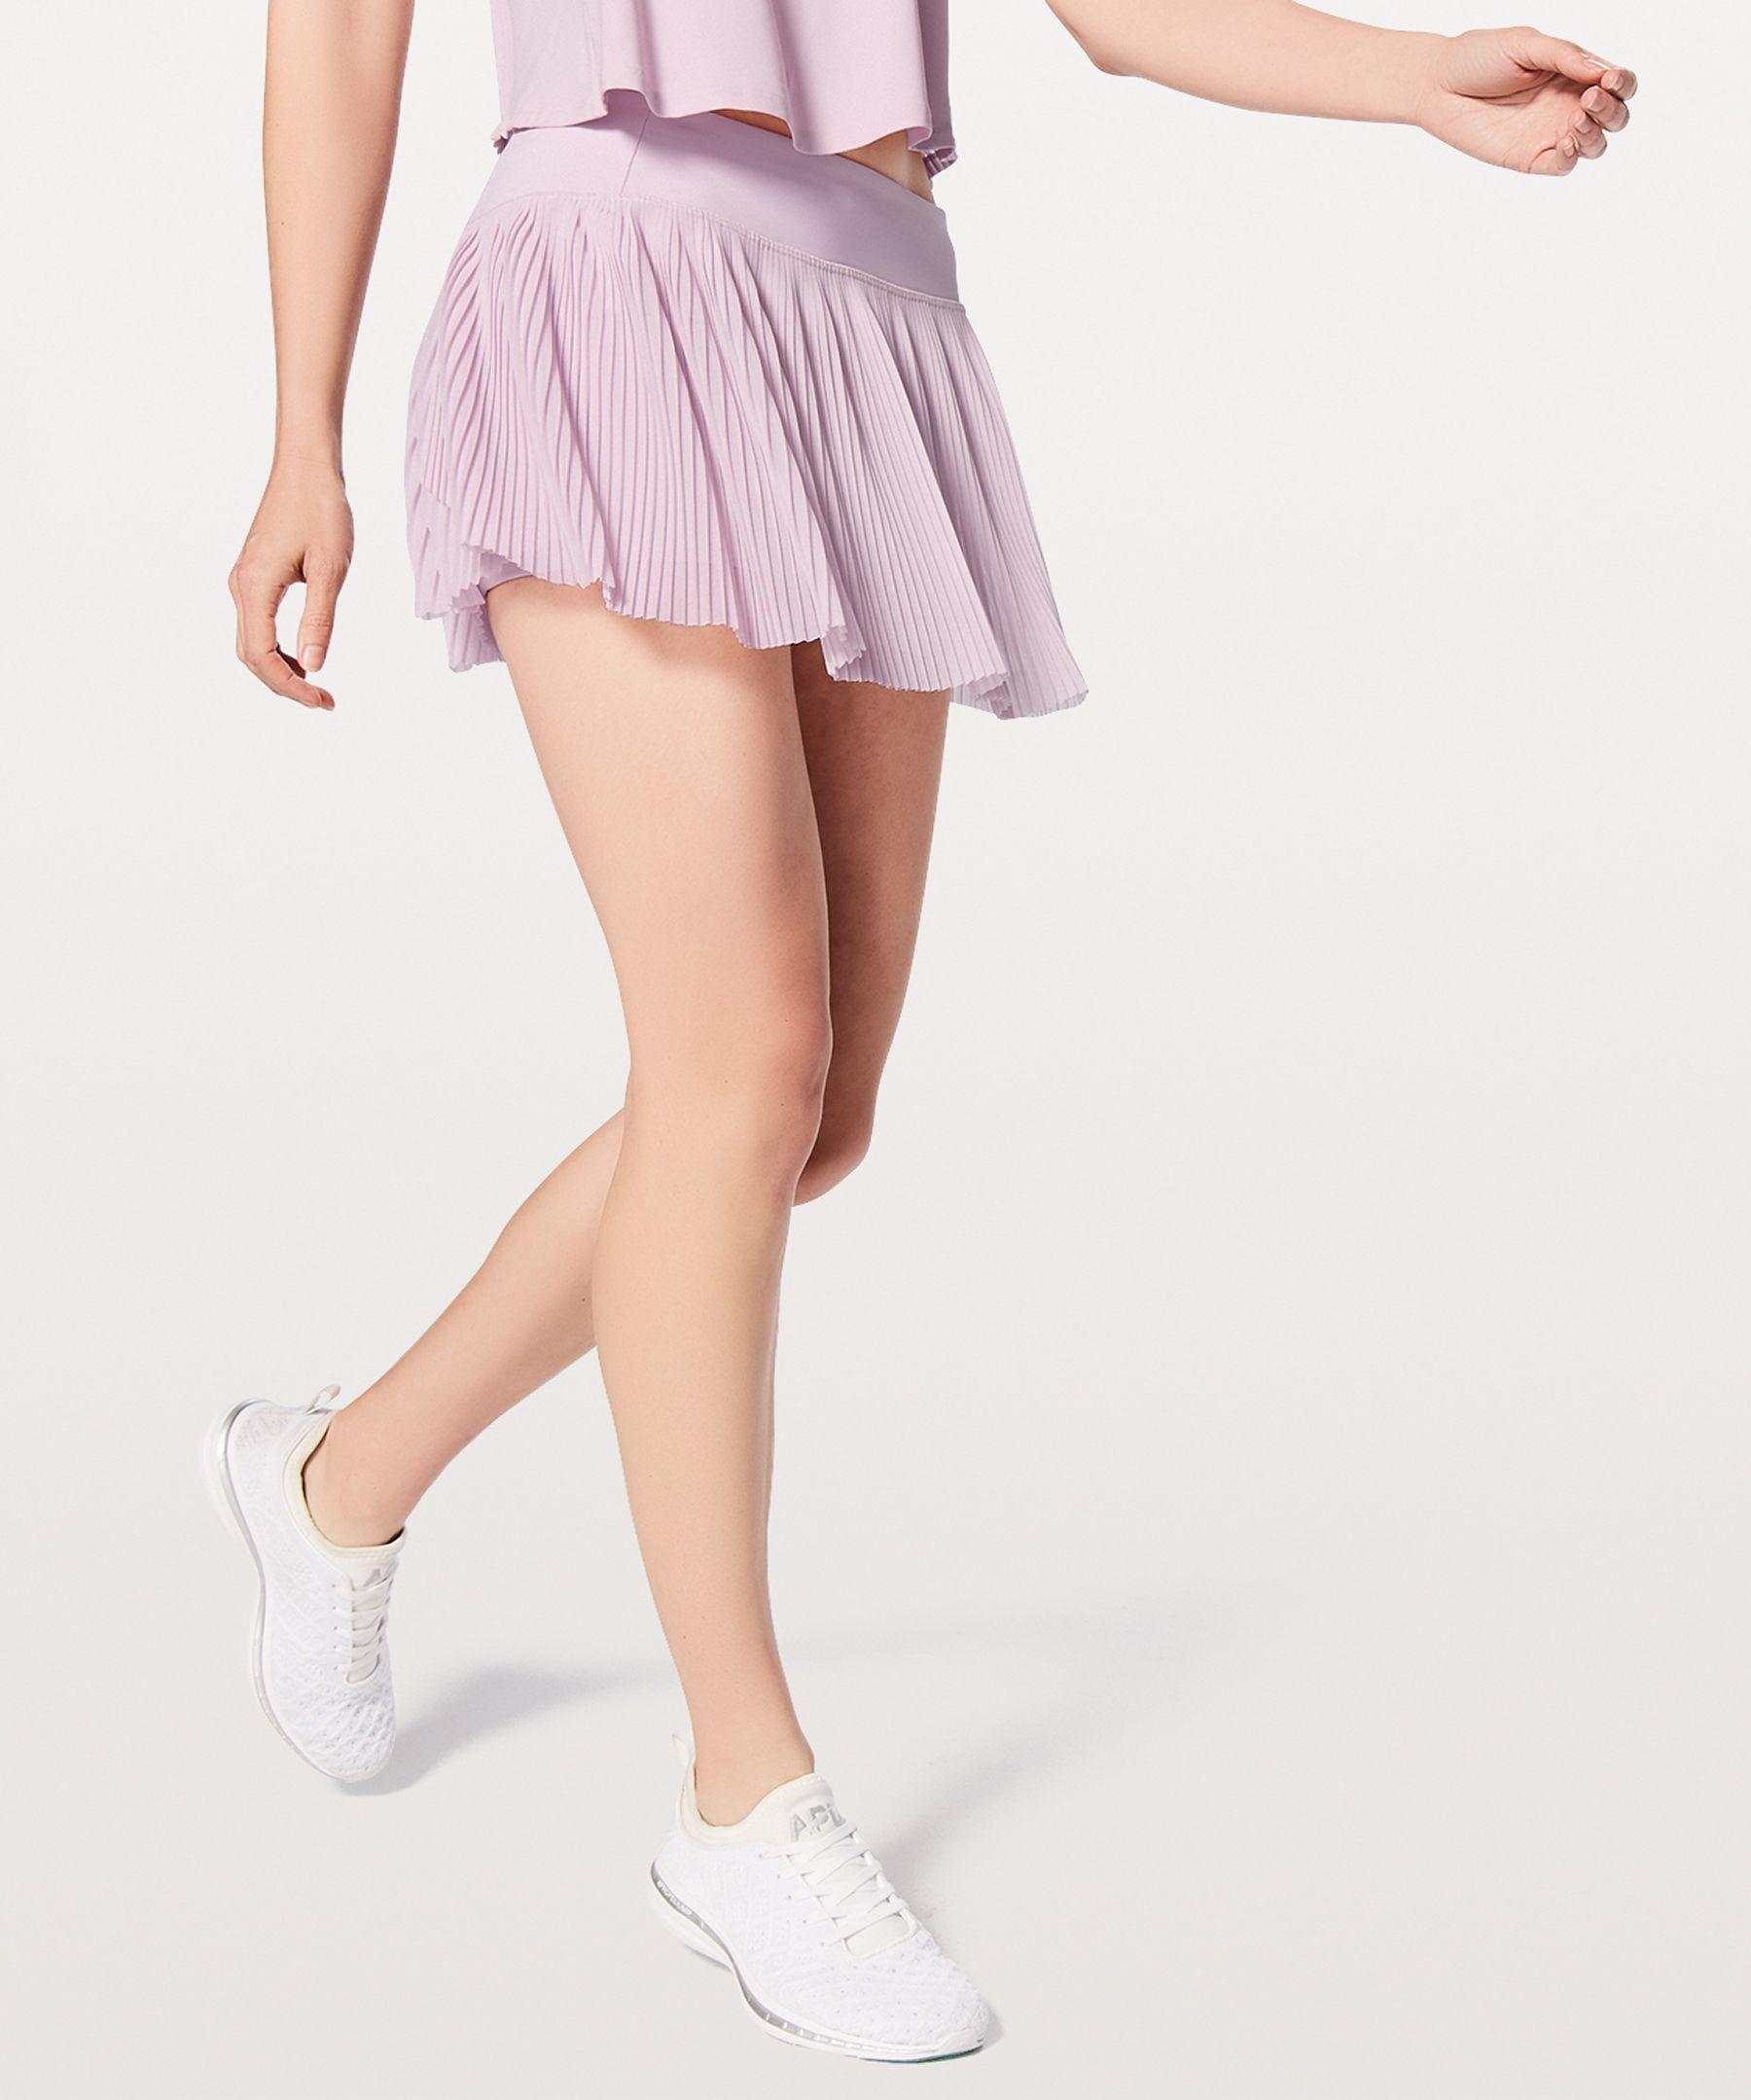 Just Pleat It Skirt